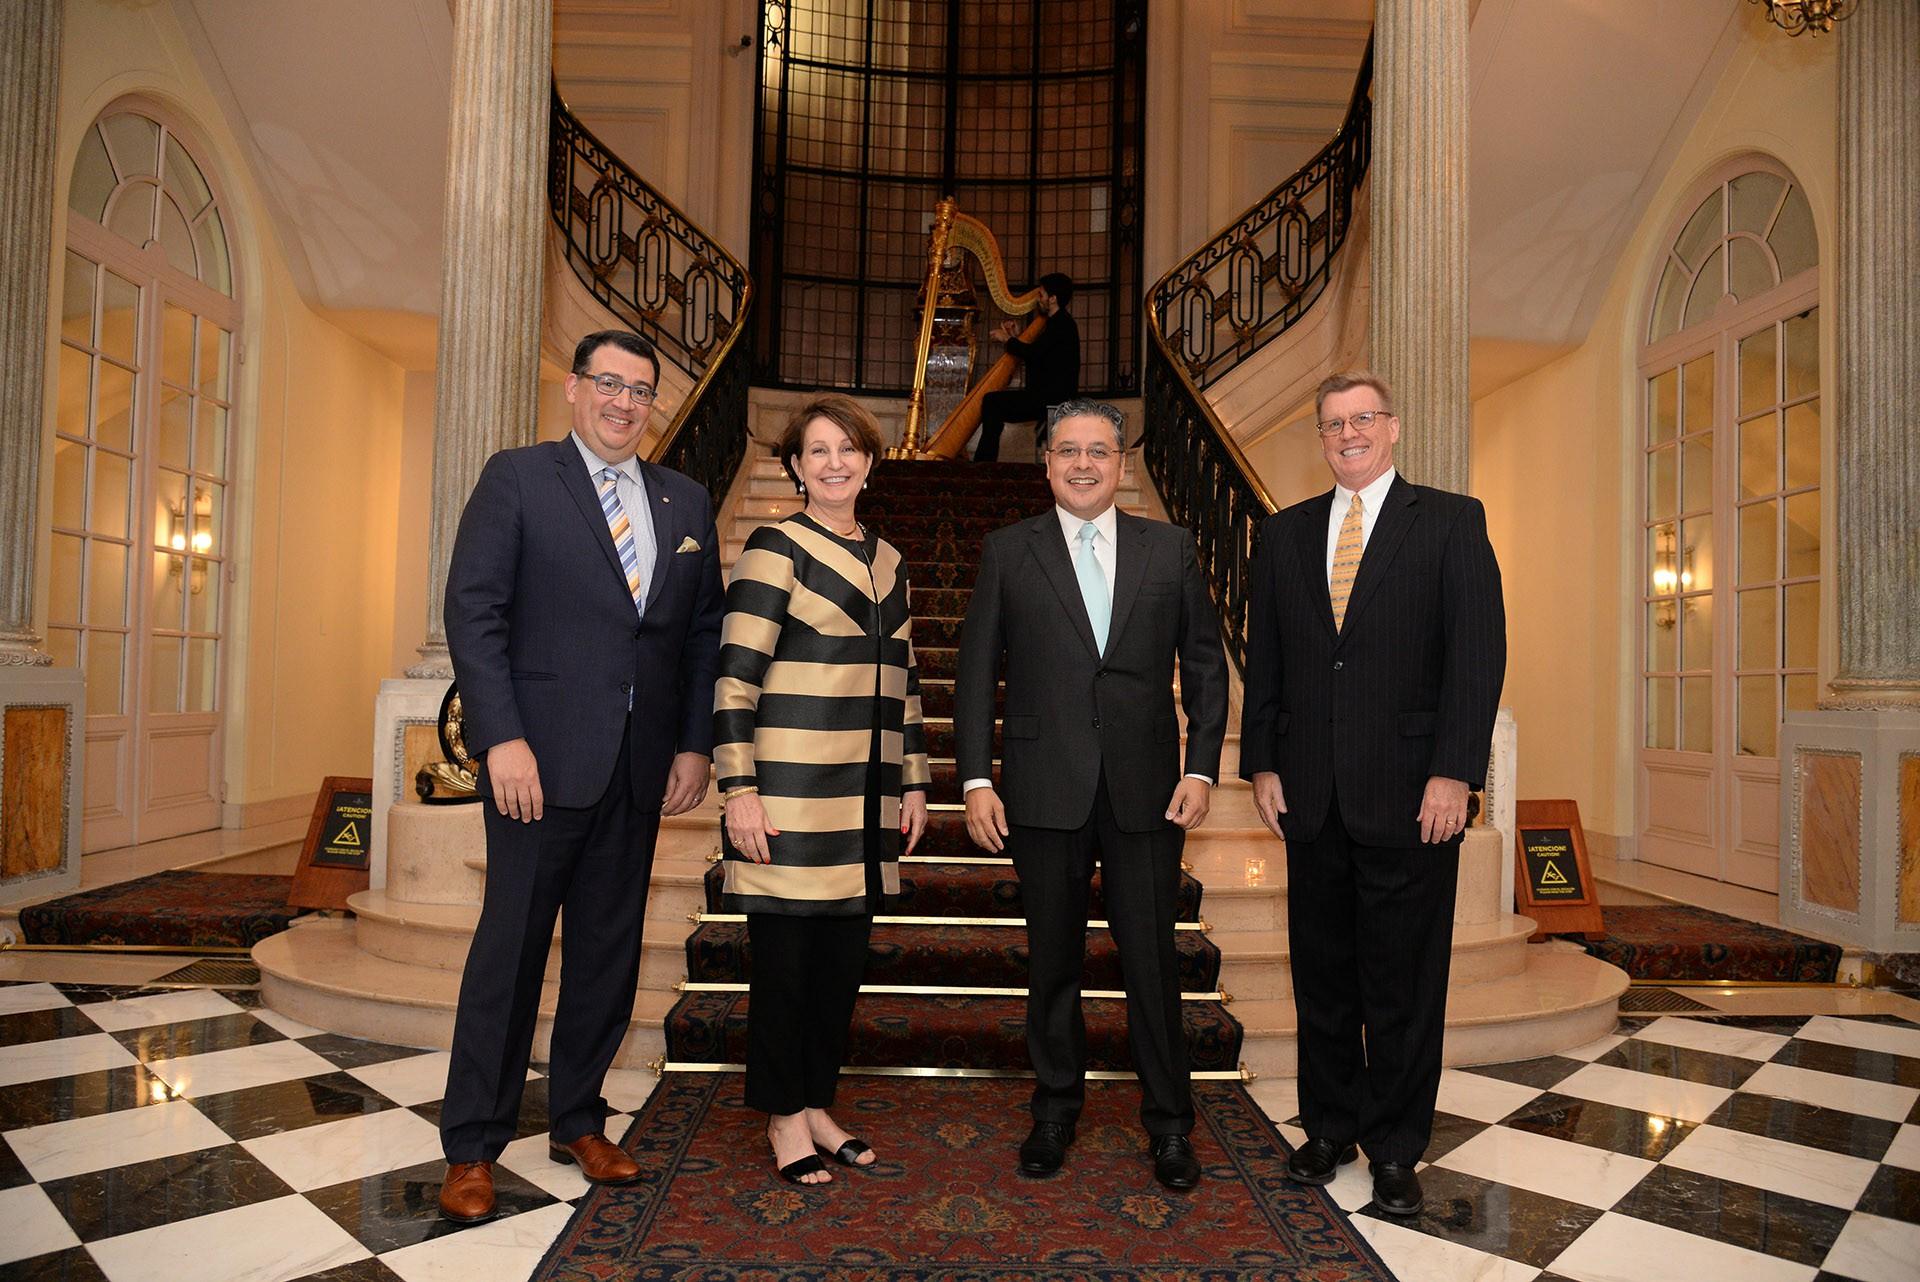 Tulio Hochkoeppler, vicepresidente regional y gerente general del Four Seasons; MaryKay Carlson, ministra consejera de la embajada de los Estados Unidos; y Ariel Blufstein, colaborador en Relaciones Diplomaticas DAIA